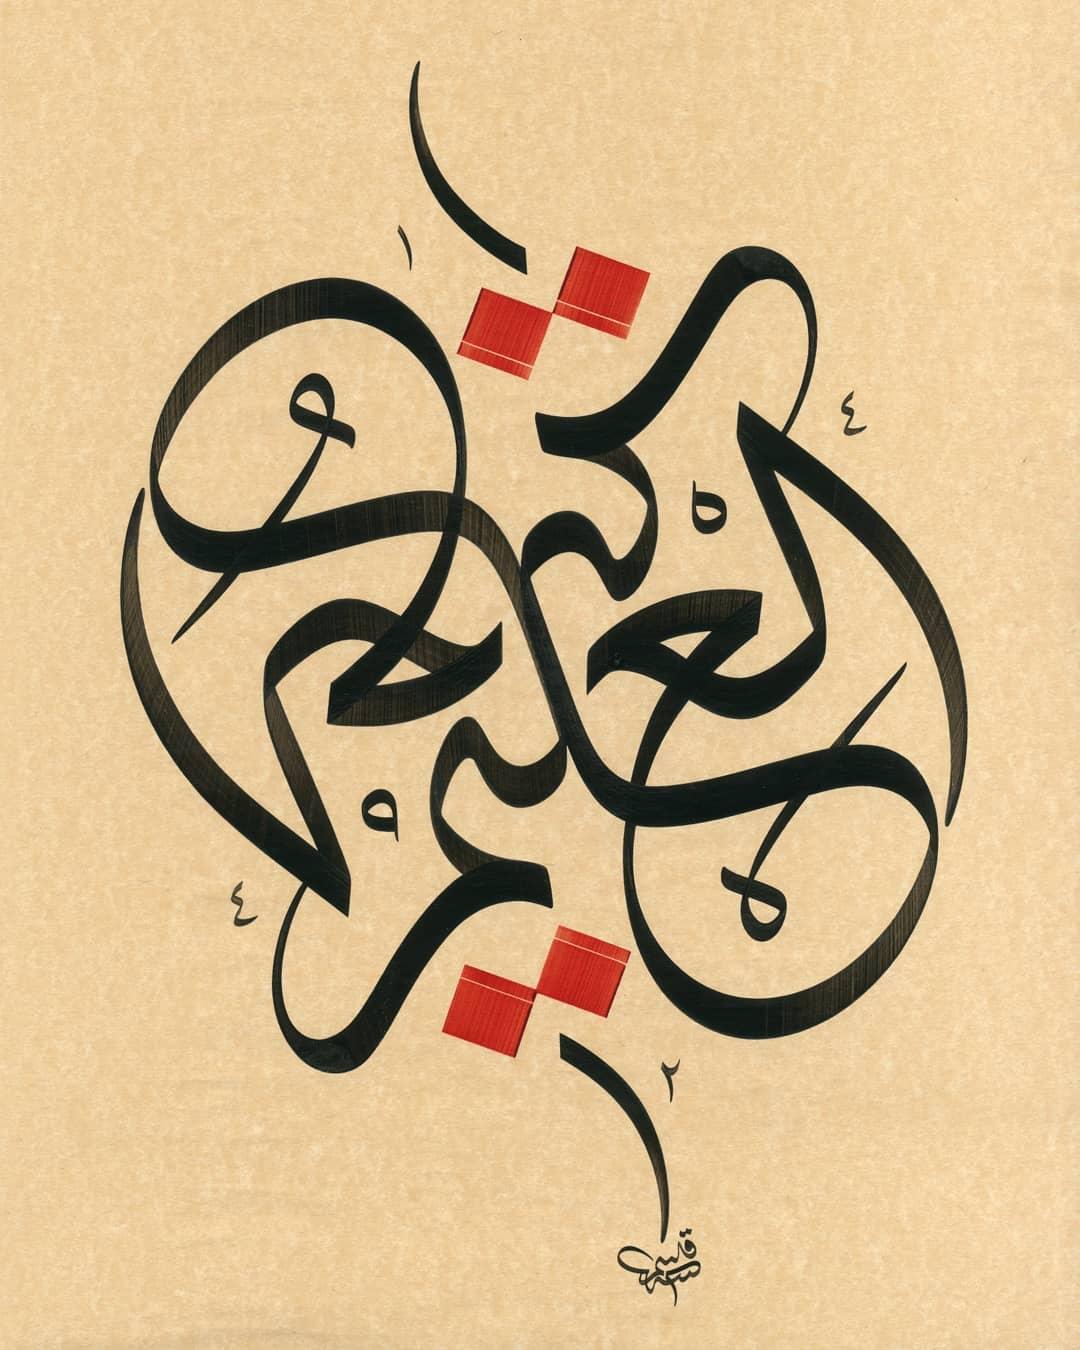 Hattat Kasım Kara قاسم قاره  El-Alîm…Gizli açık, geçmiş, gelecek, her şeyi en ince detaylarına varıncaya ka… 691